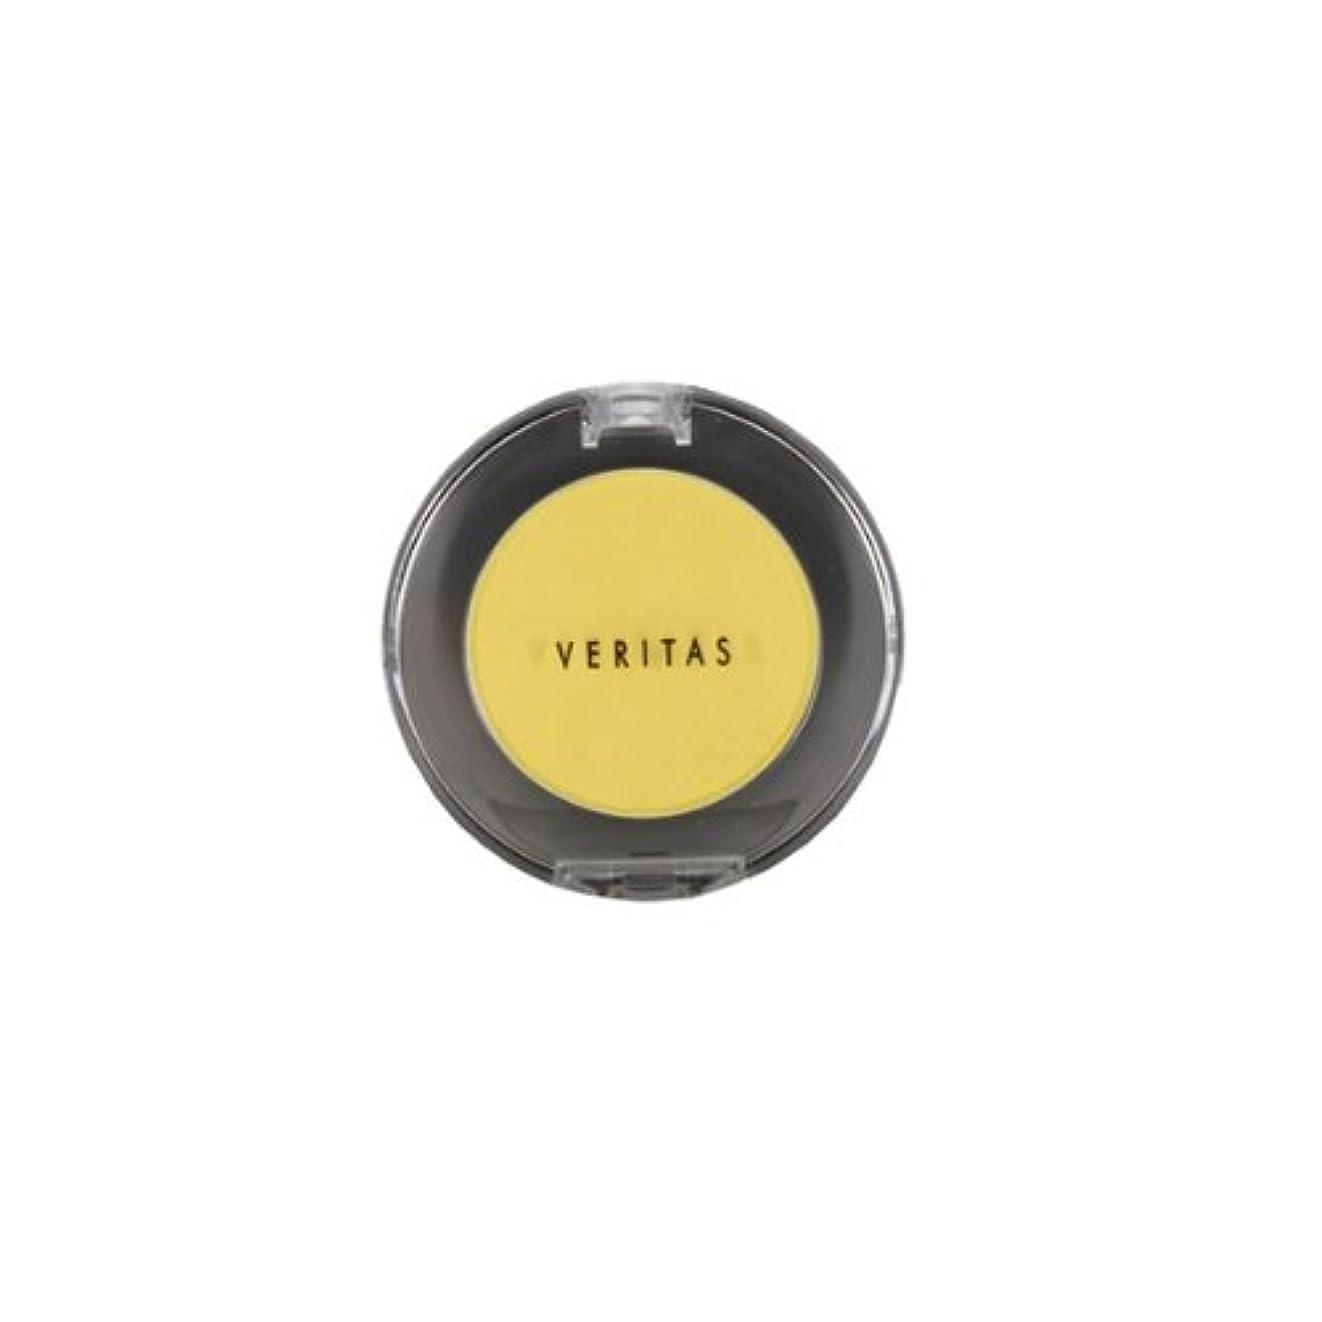 持続的温かい論理的にクリエ(CRIE) ヴェリタス ピュアアイカラー 620